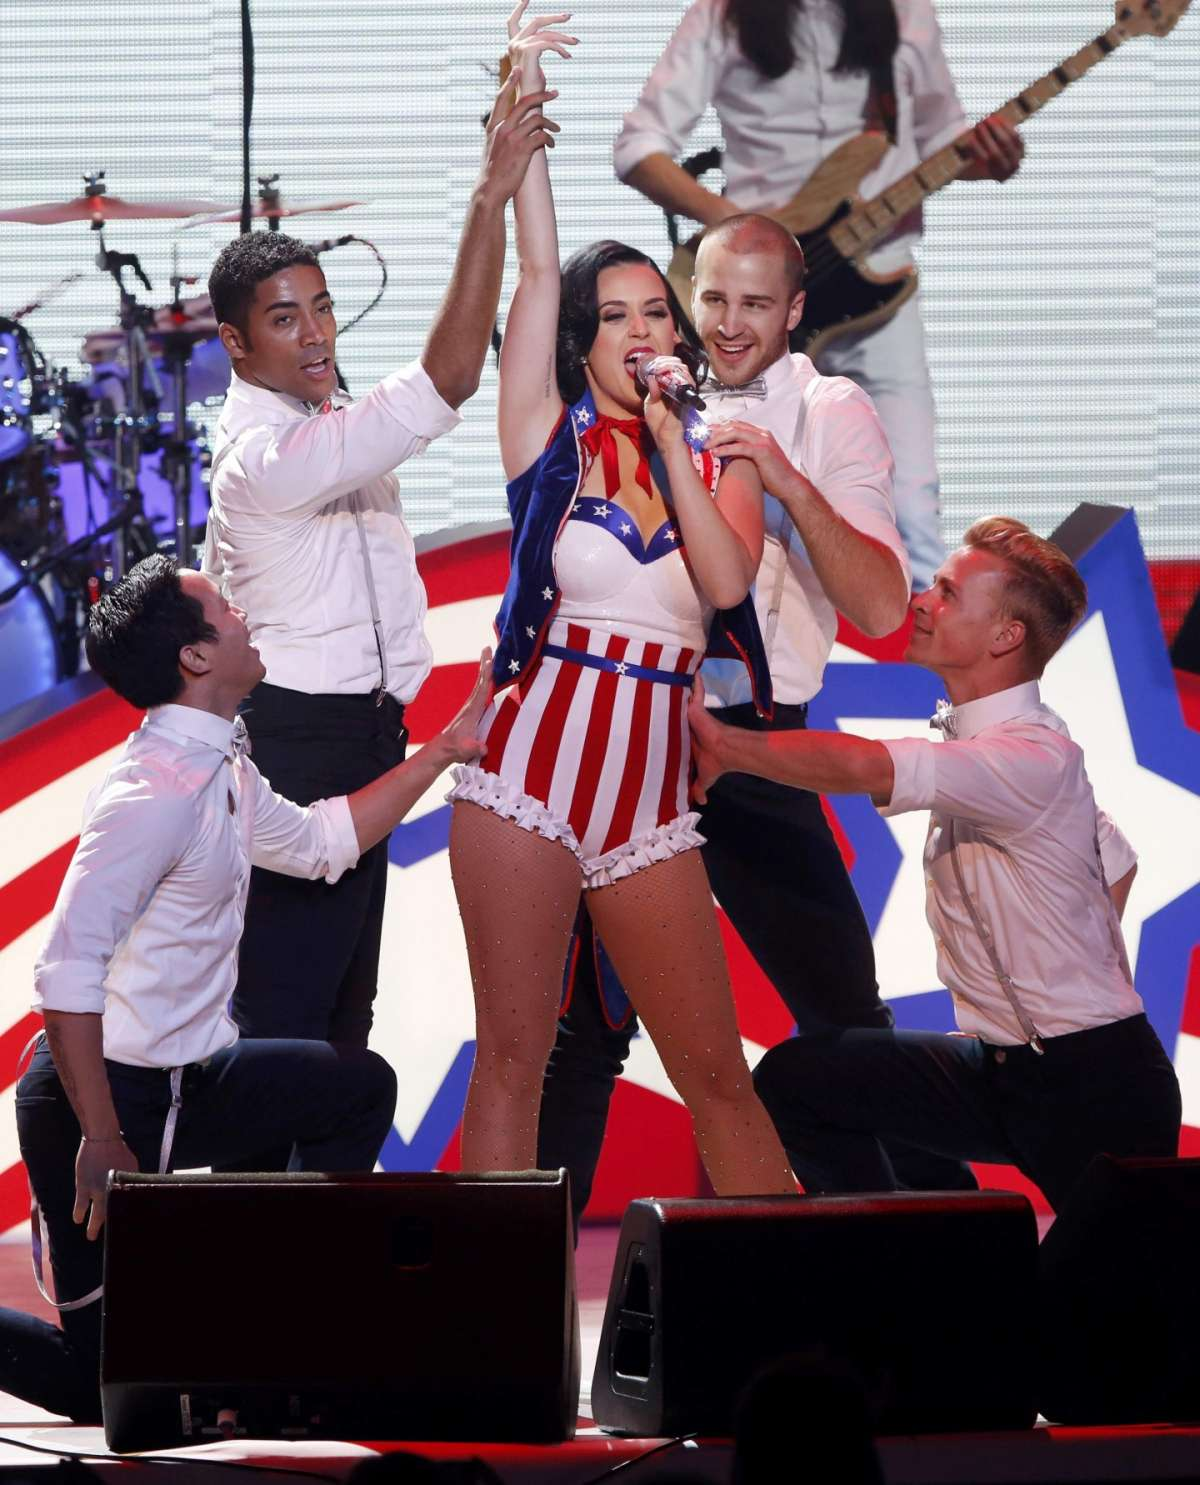 Copia il look di Katy Perry per essere eccentrica come lei [FOTO]